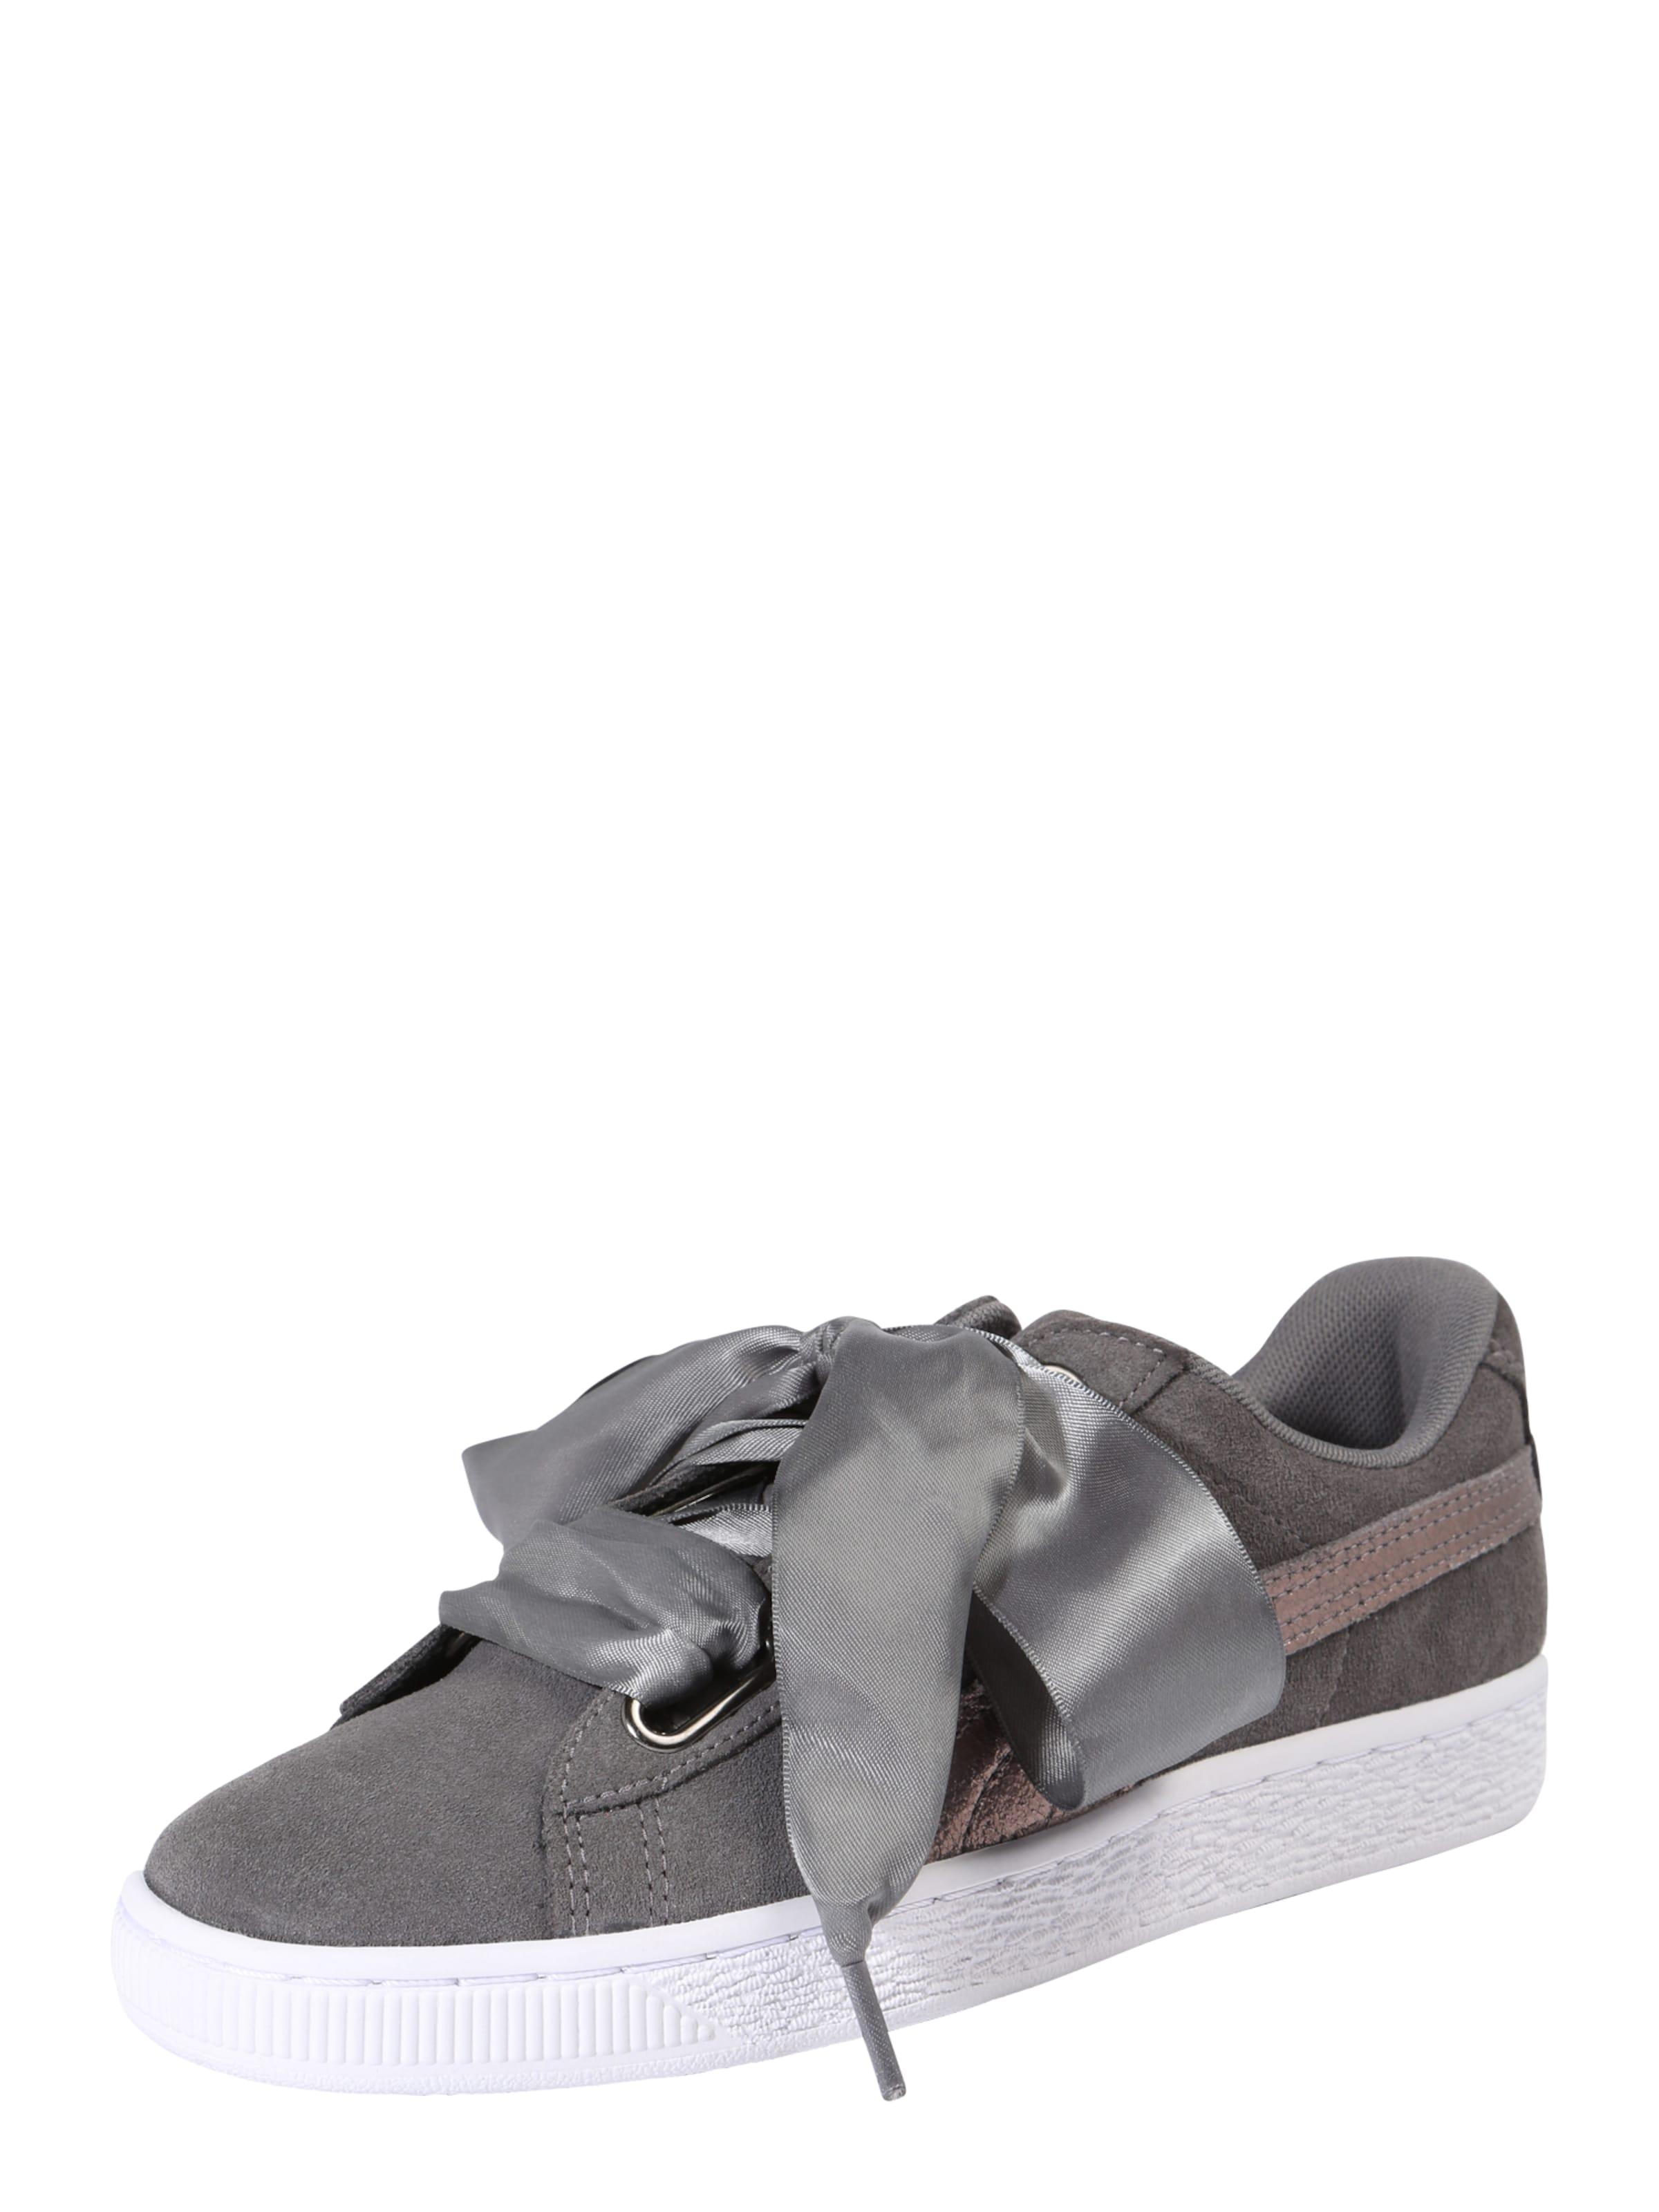 Chaussures De Sport Puma Couche Lunalux Gris » LeBgu3HVTb